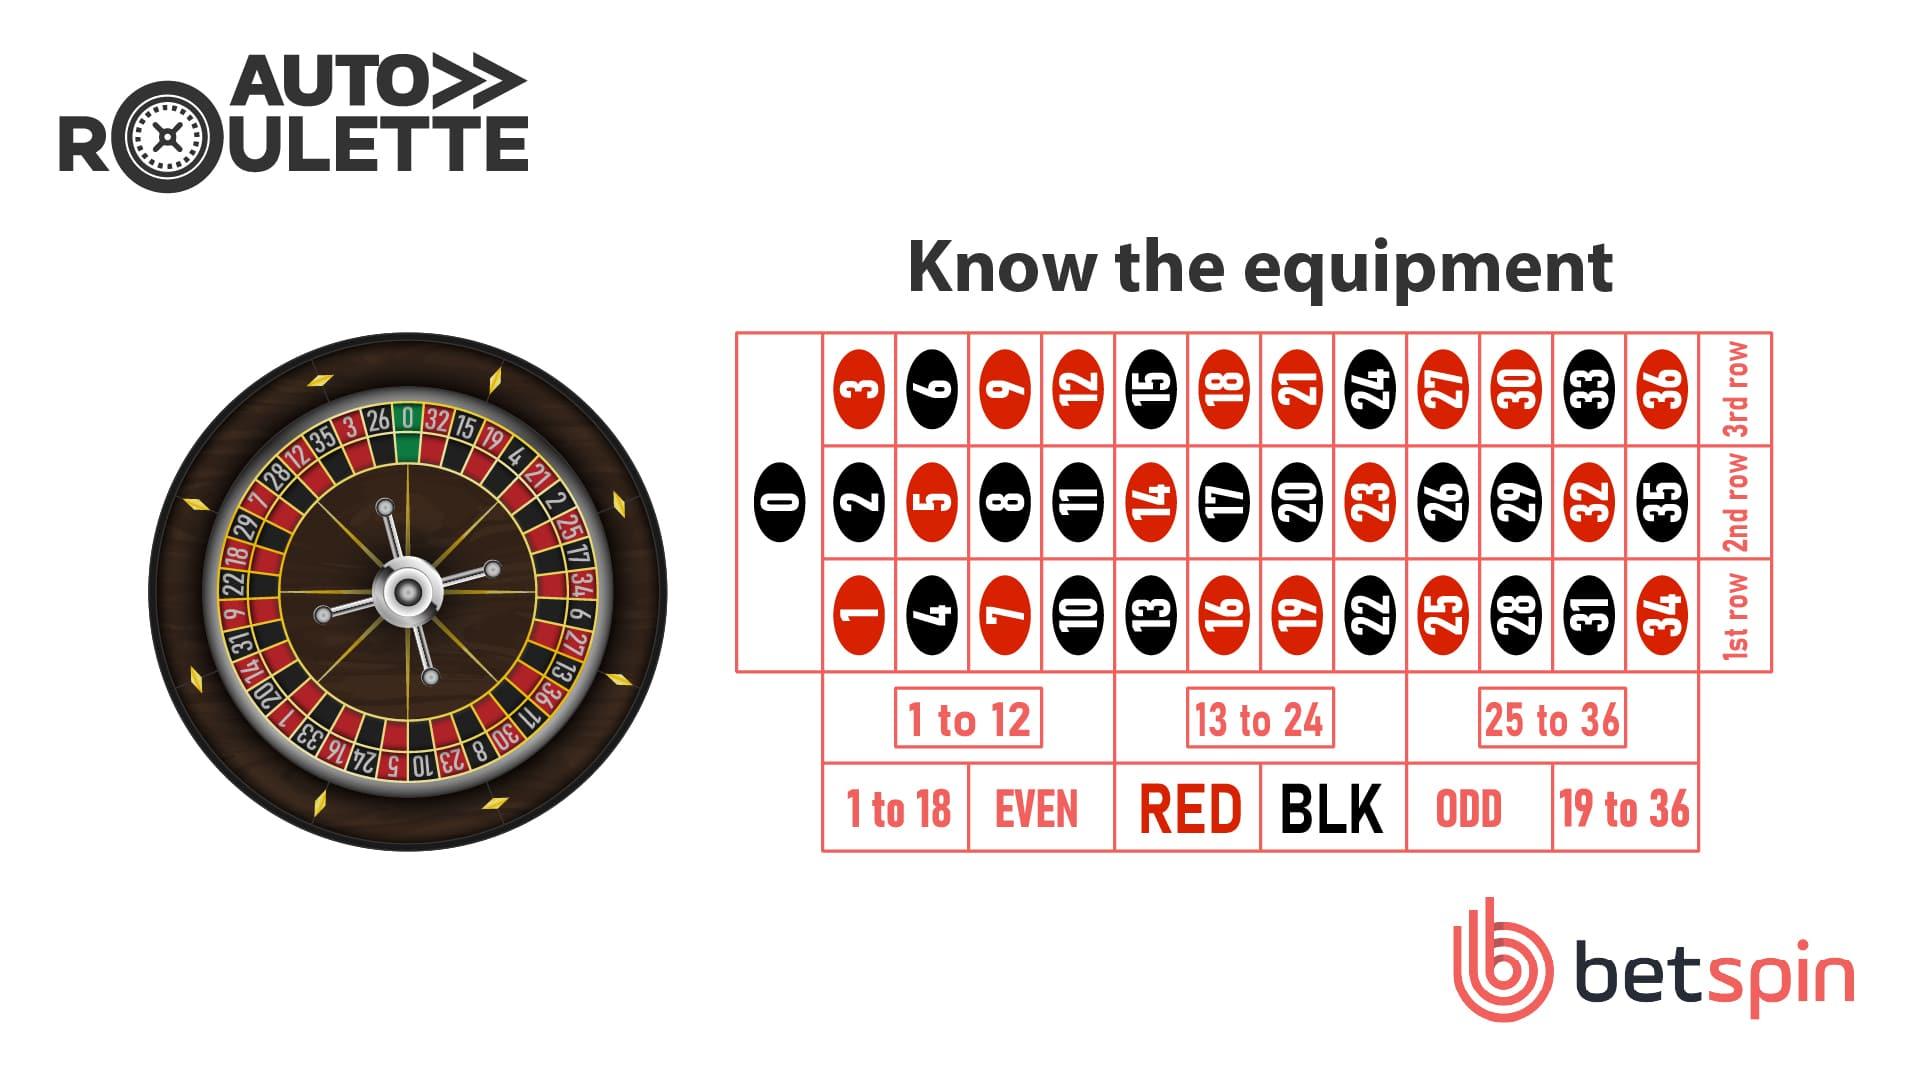 Auto Roulette Step 1